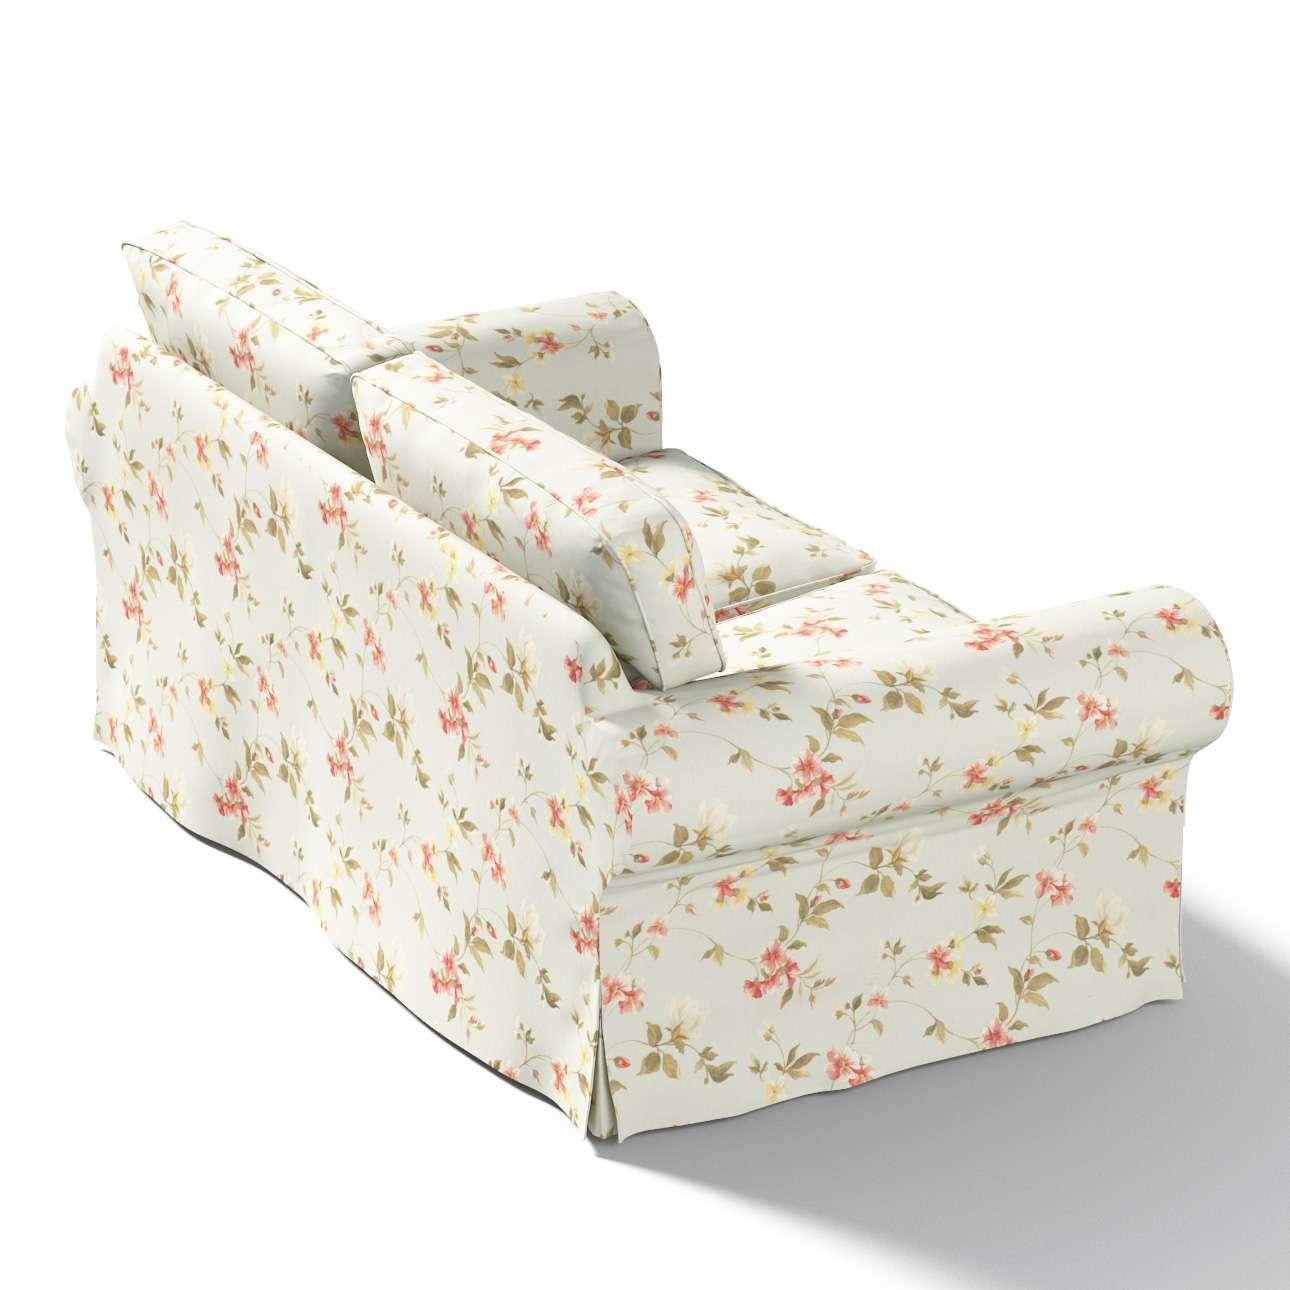 Potah na pohovku IKEA  Ektorp 2-místná, nerozkládací pohovka Ektorp 2-místná v kolekci Londres, látka: 124-65